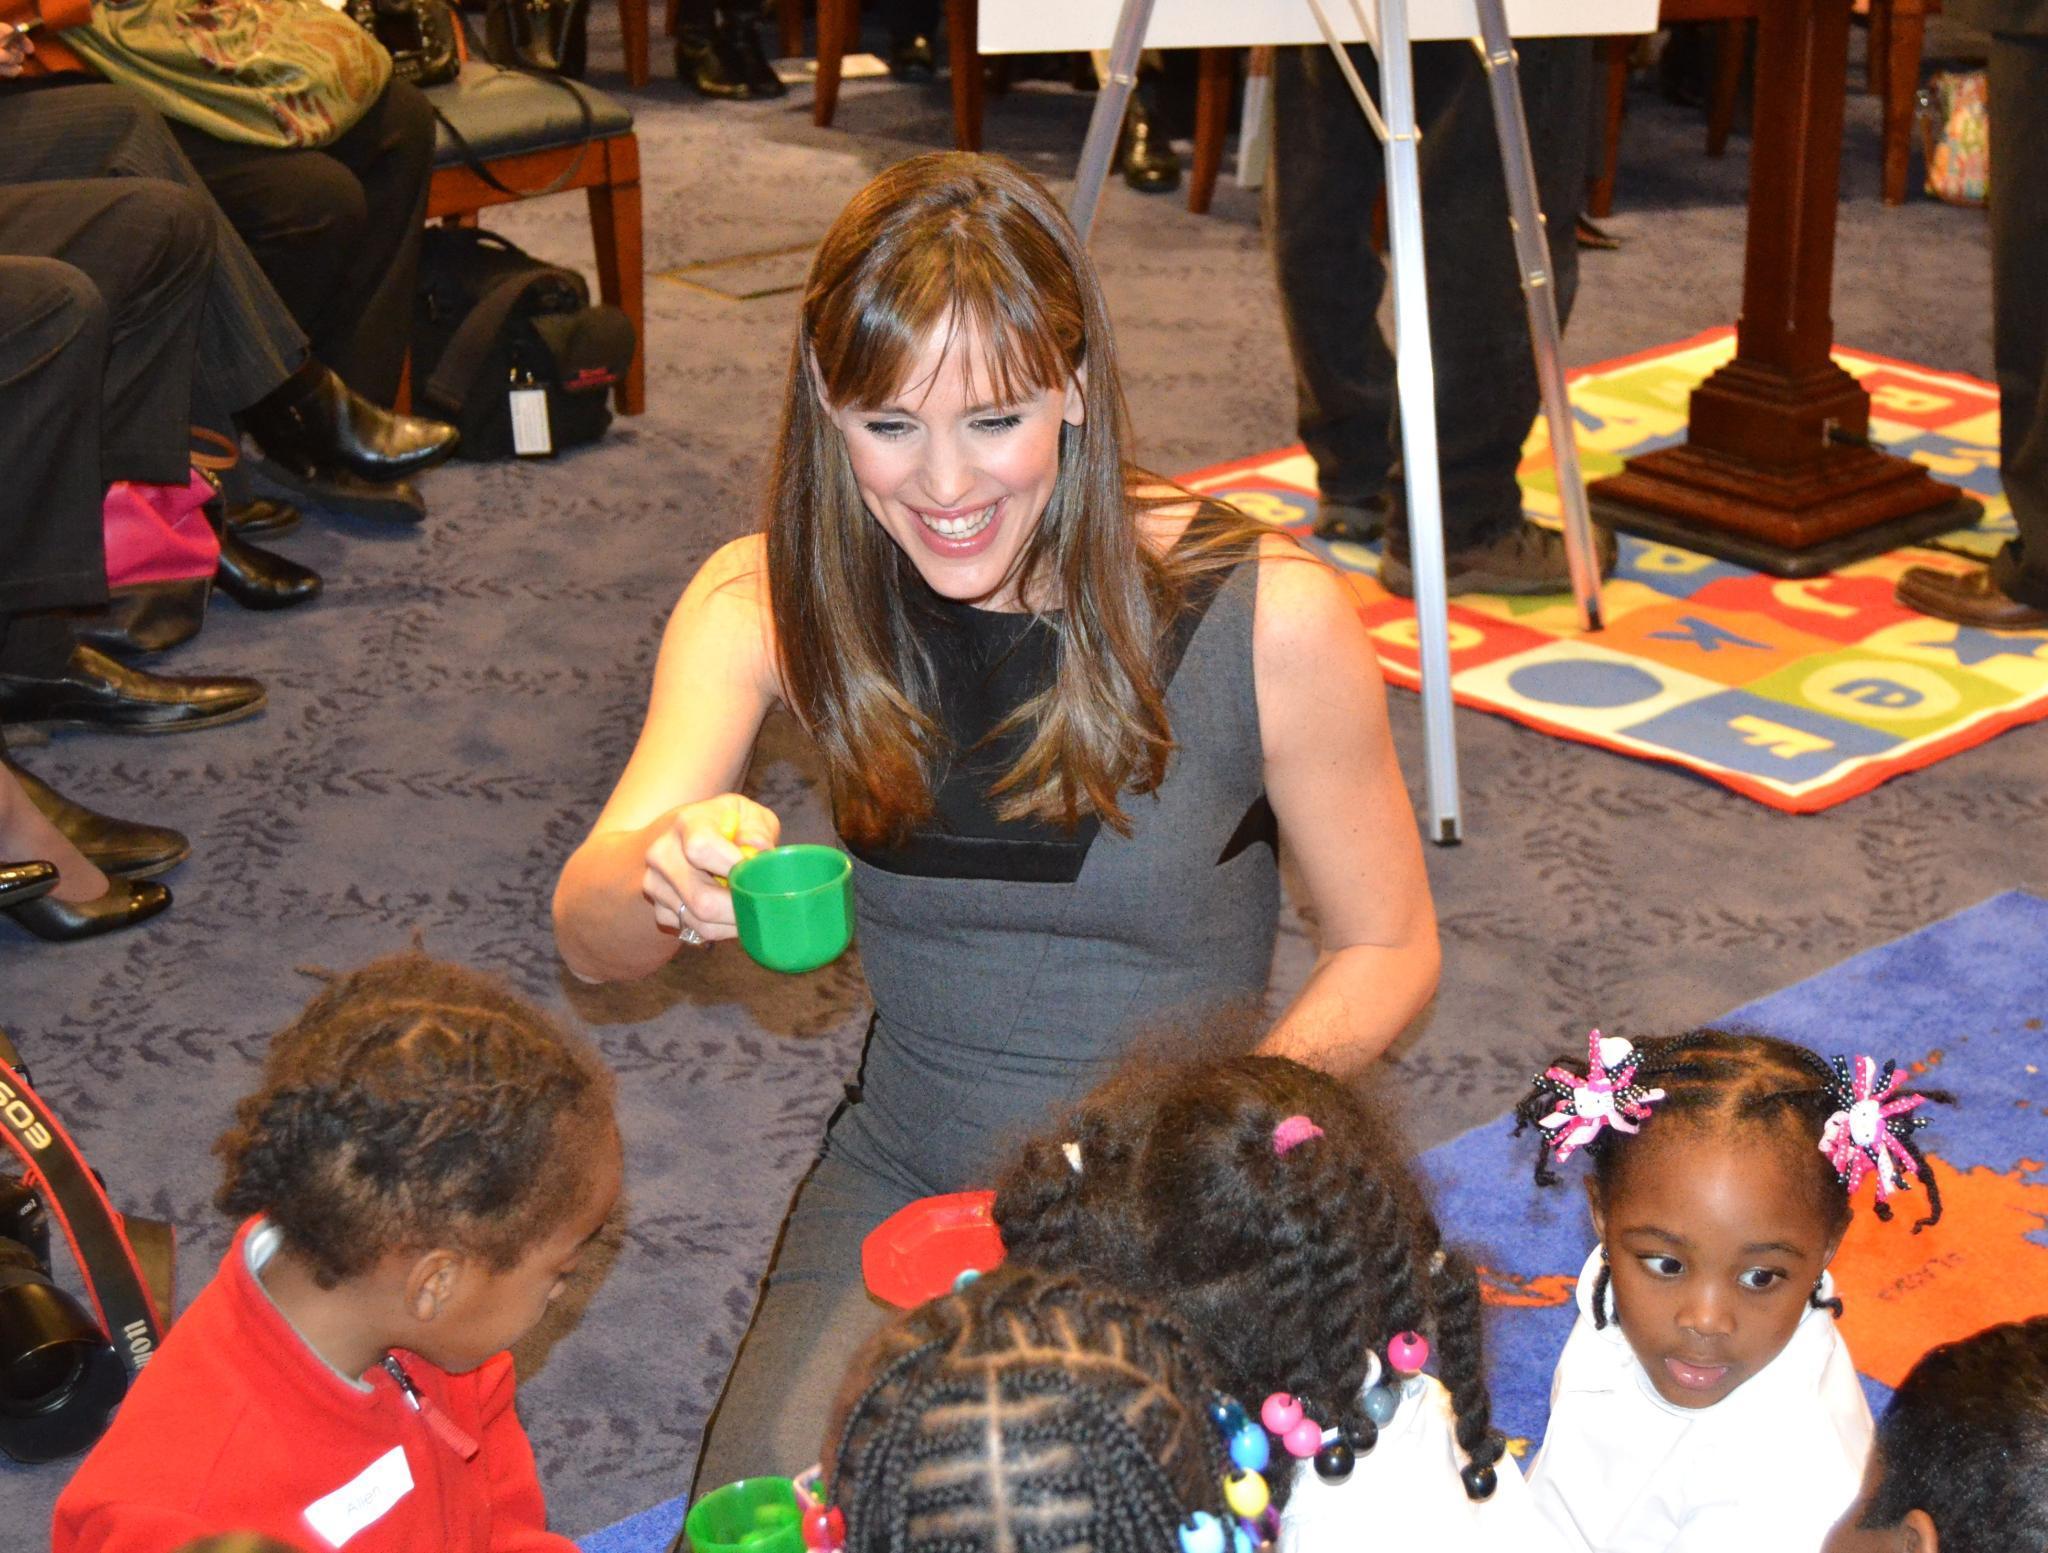 """Für ihrer Organisation """"Save the Children"""" reist die Schauspielerin durch ganz Amerika, um sich ein Bild davon zu machen, wie Kinder dort aufwachsen."""